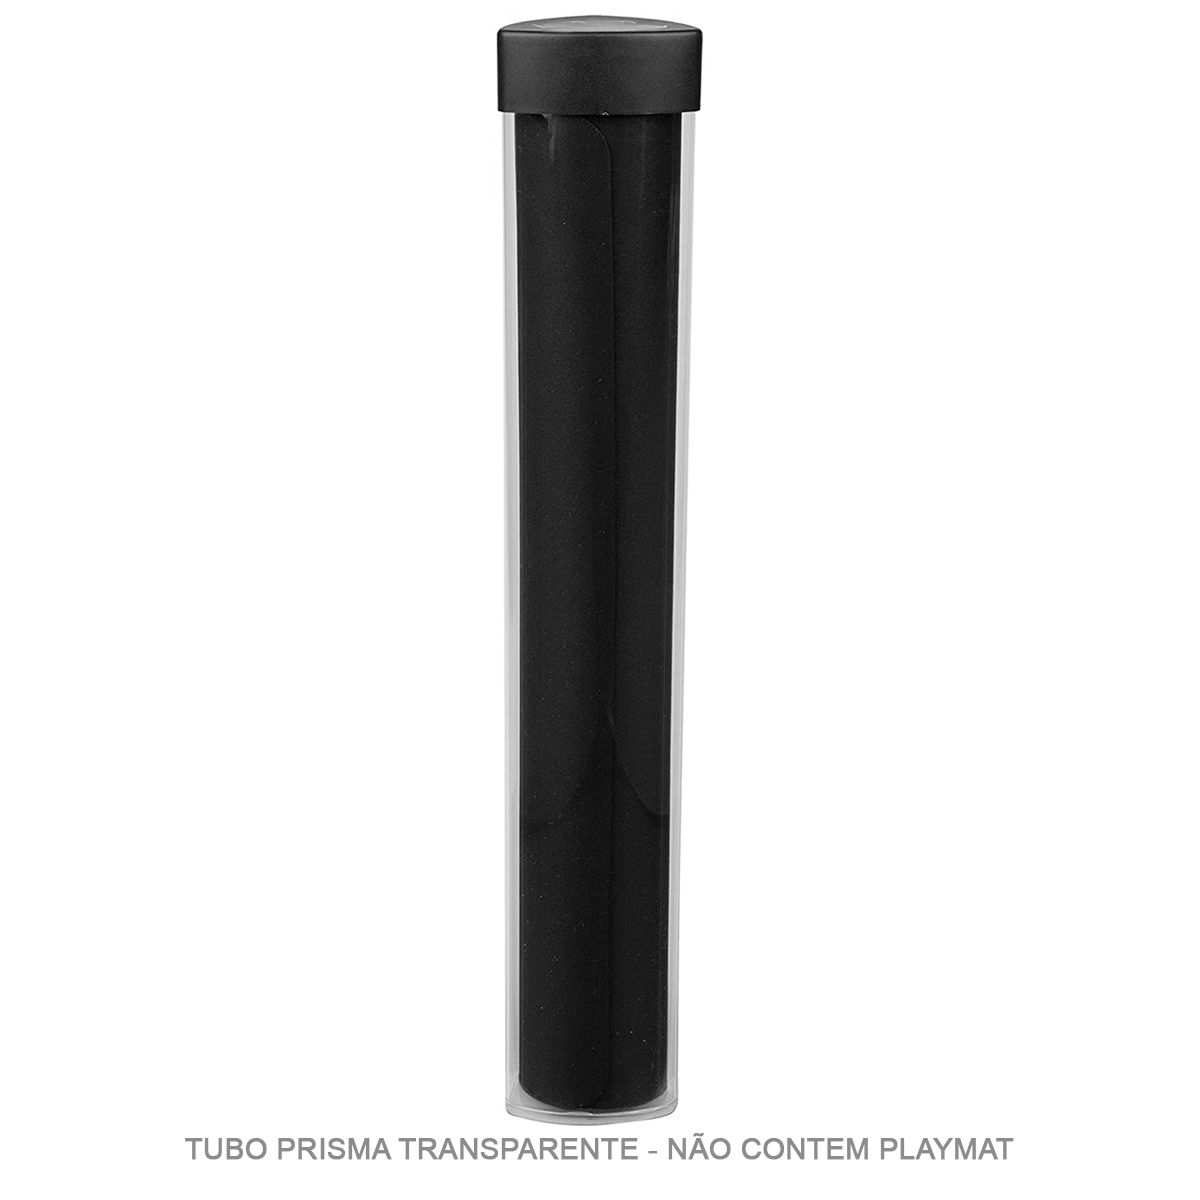 Tubo Prisma Para Playmat Transparente Central